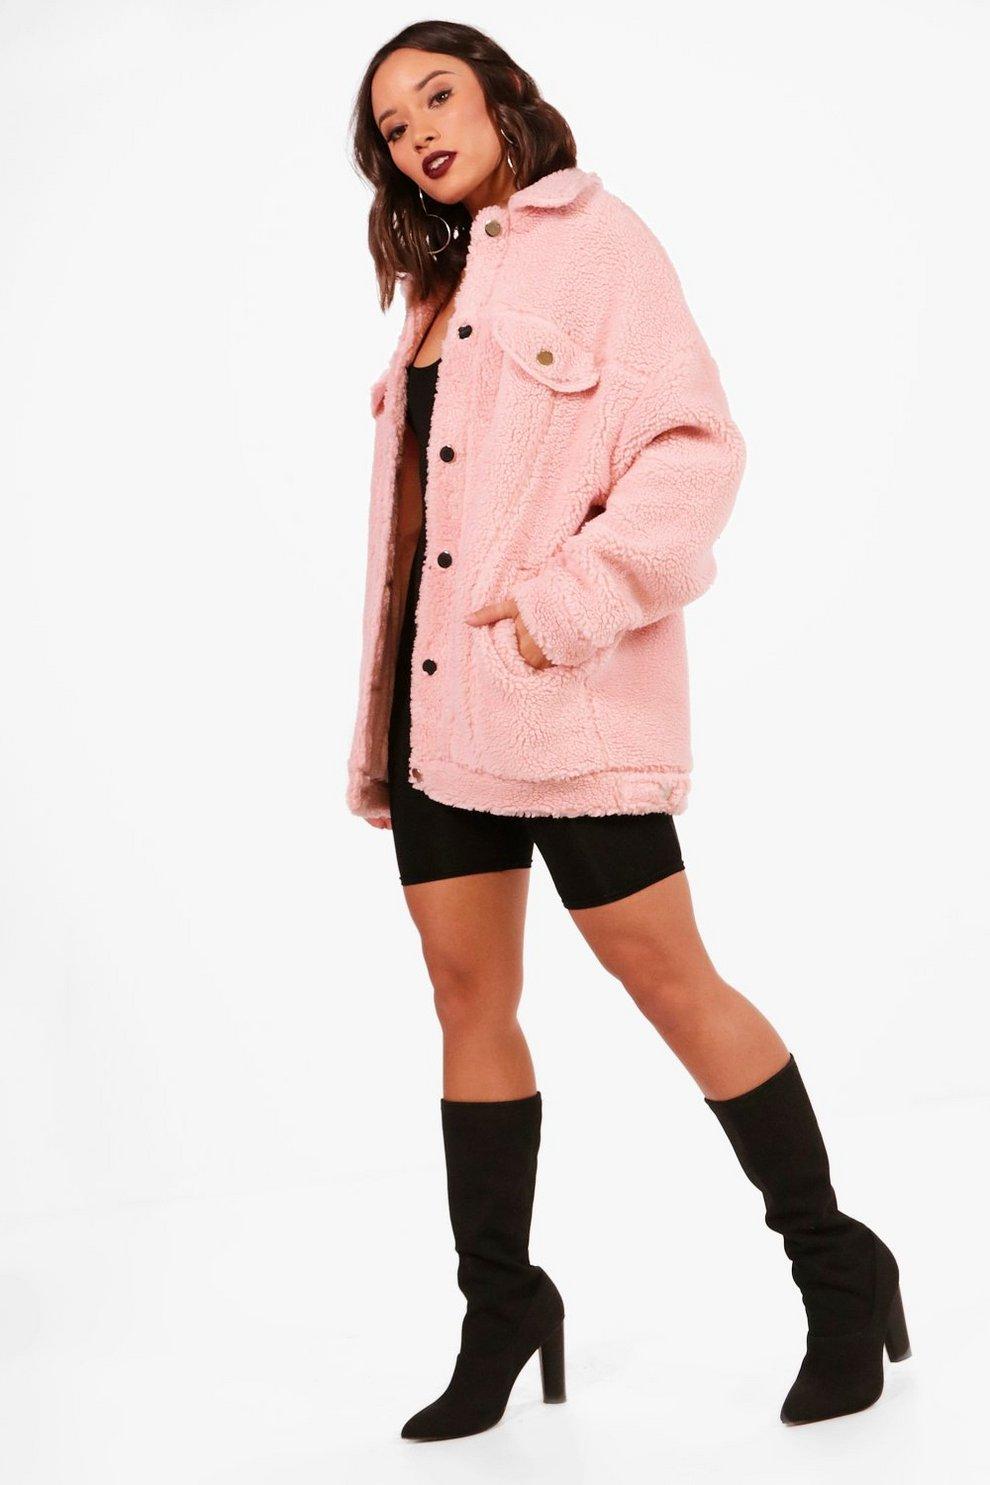 1e51fd15f394 K Zell Dusty Pink Teddy Bear Faux Fur Coat Limited Edition